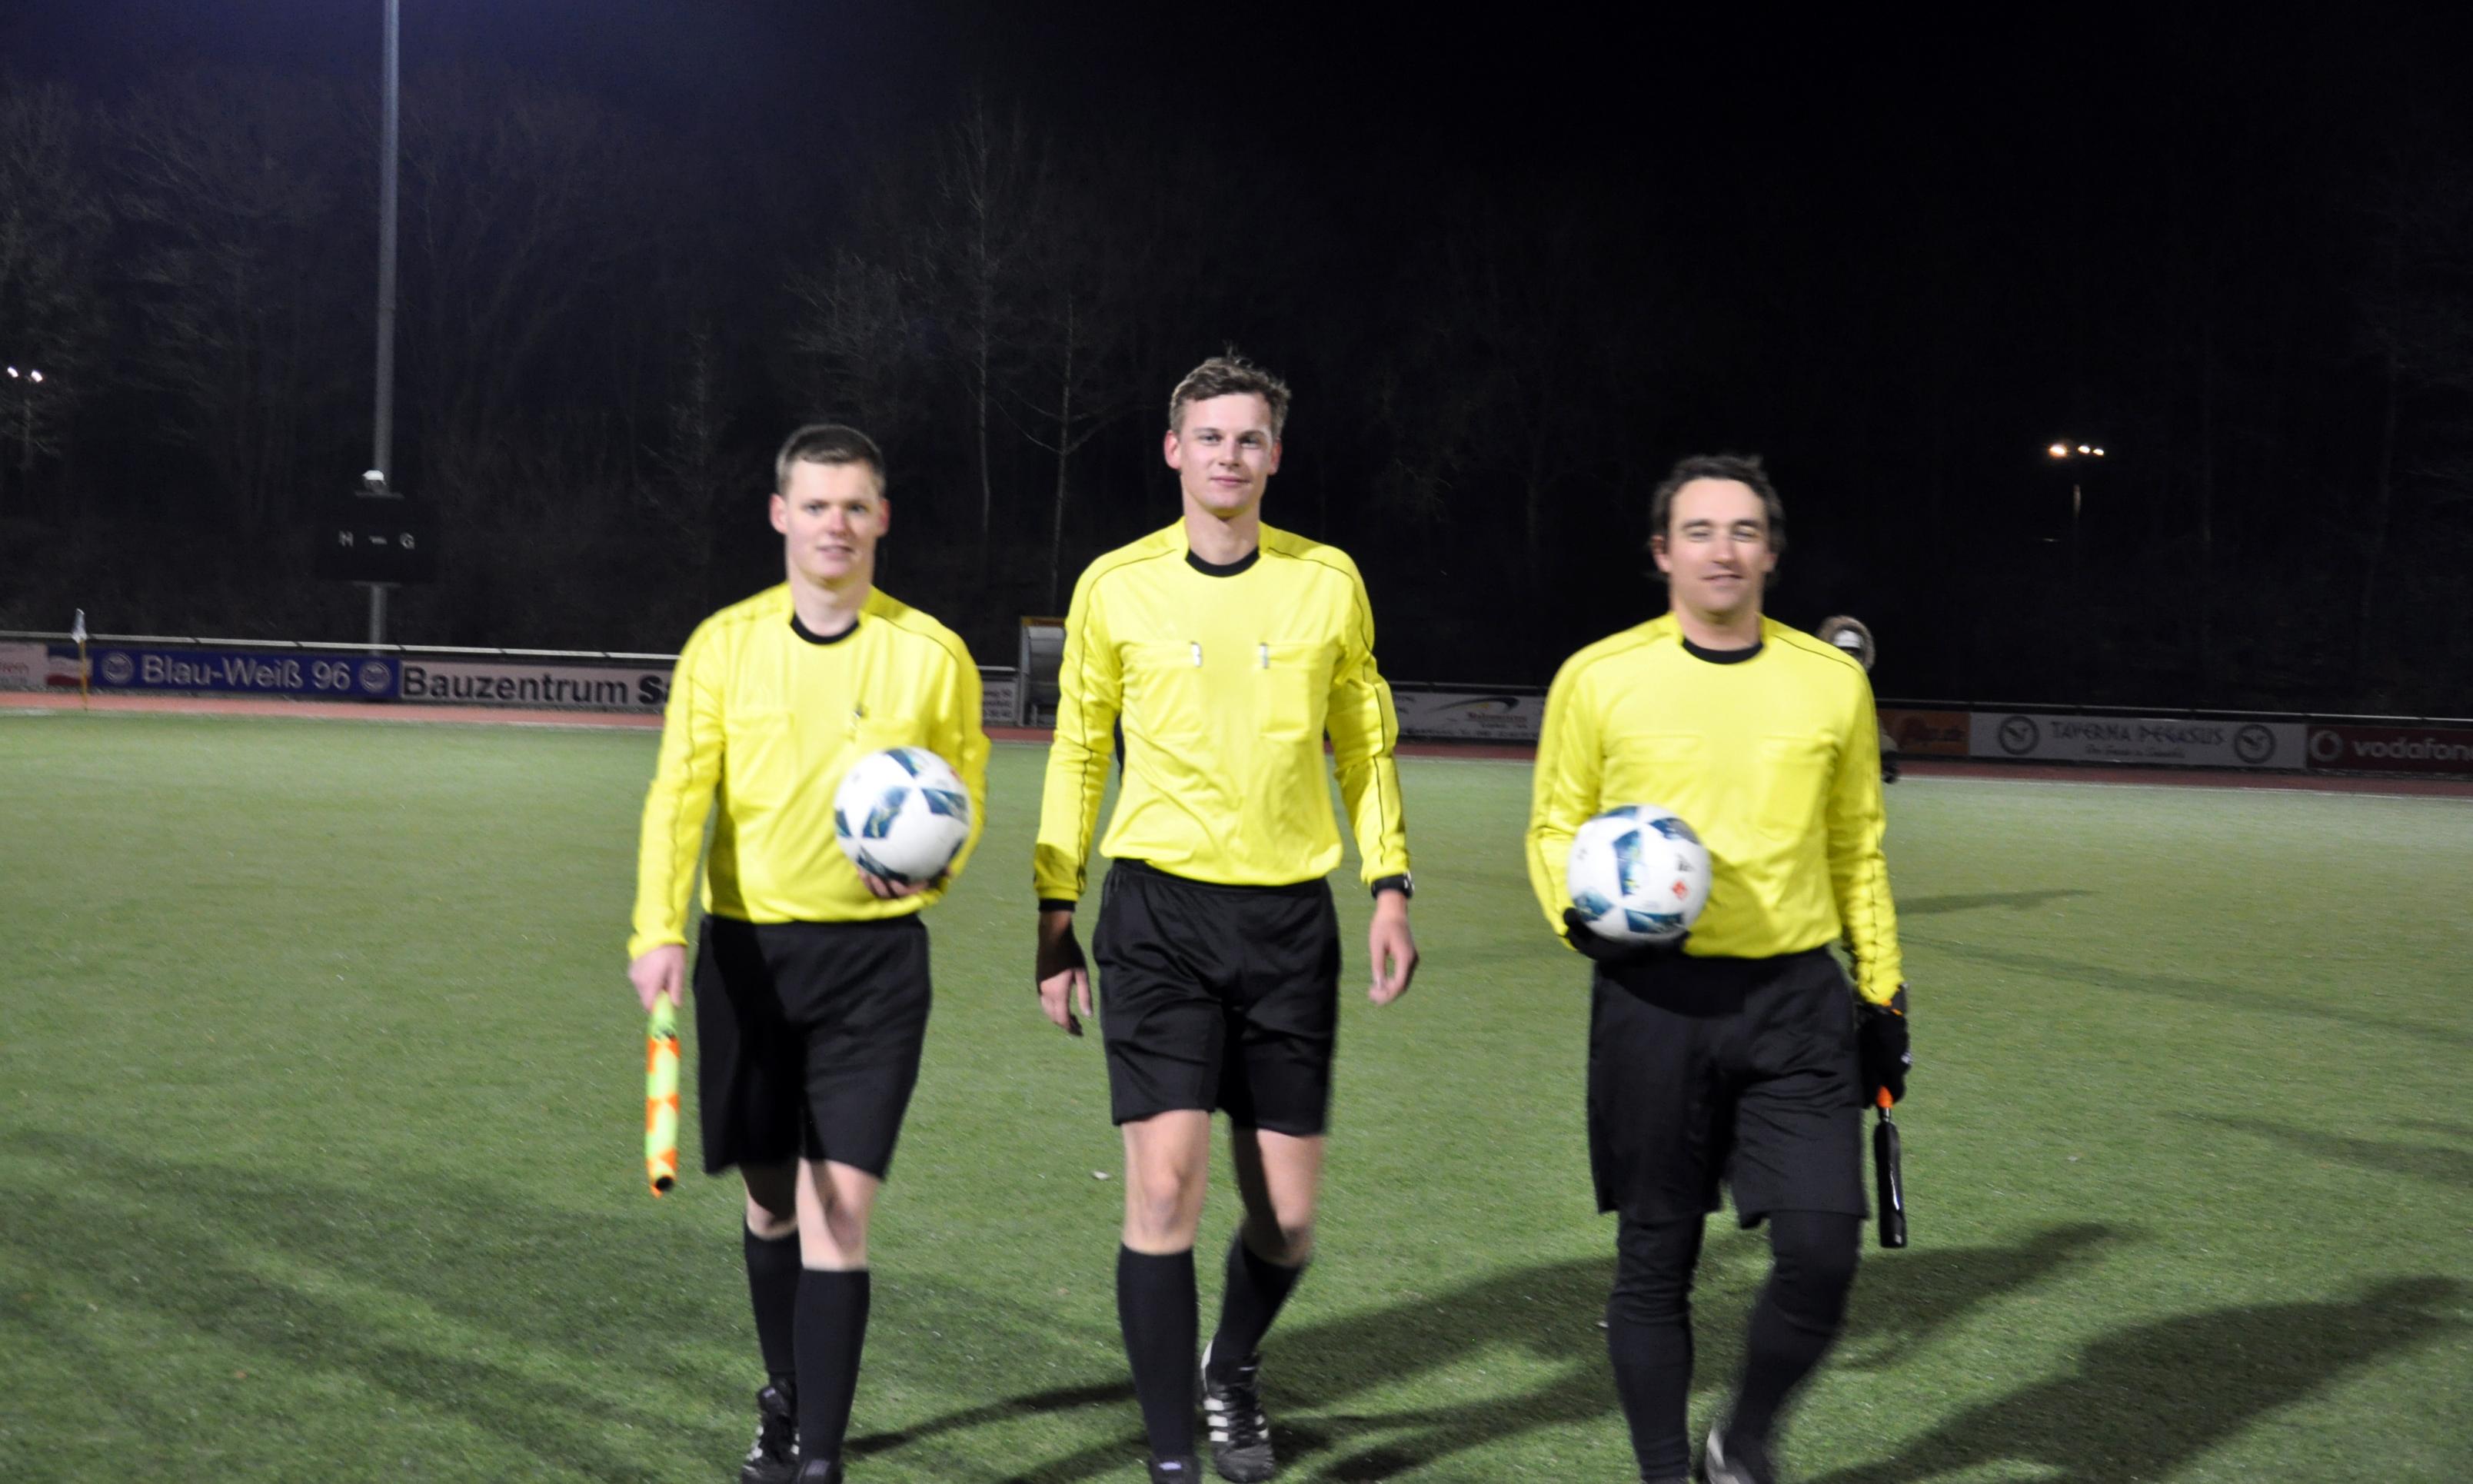 Unsere Schiedsrichterabteilung sucht Nachwuchs!